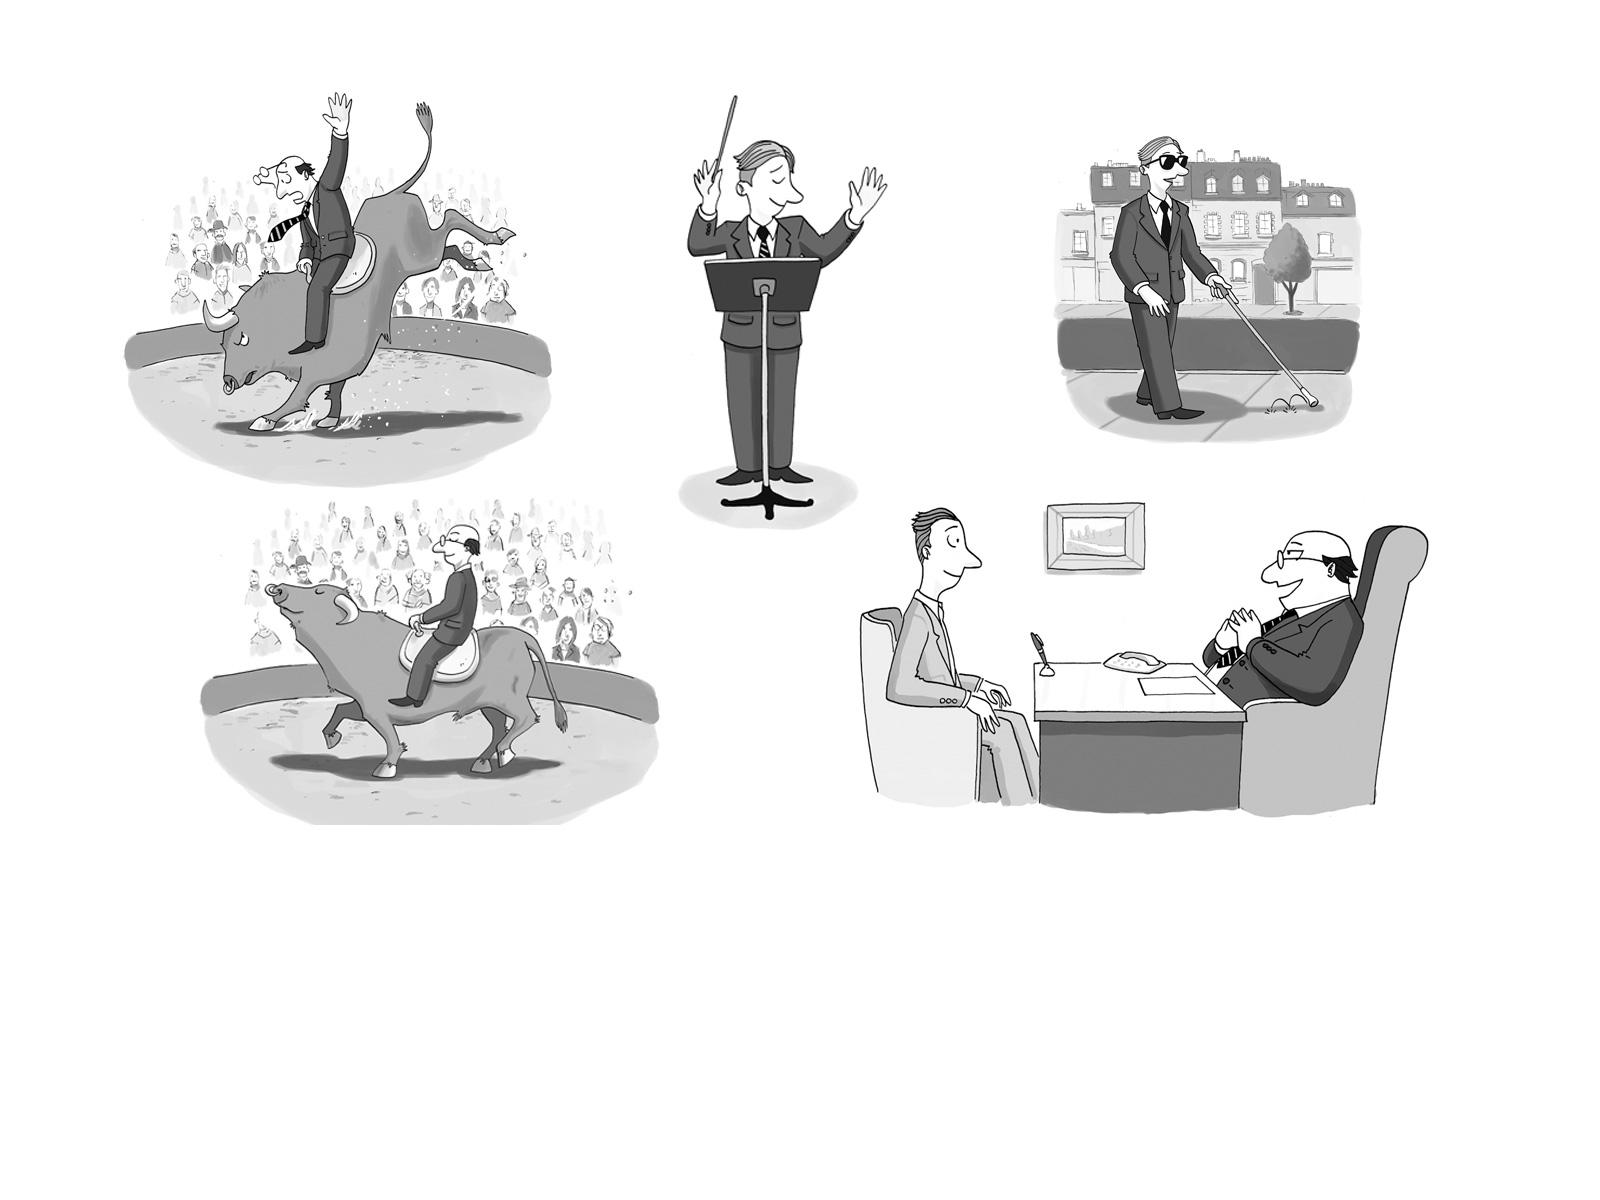 RECIOAlfonso-Illustrations-DESSINS DE PRESSE-2866